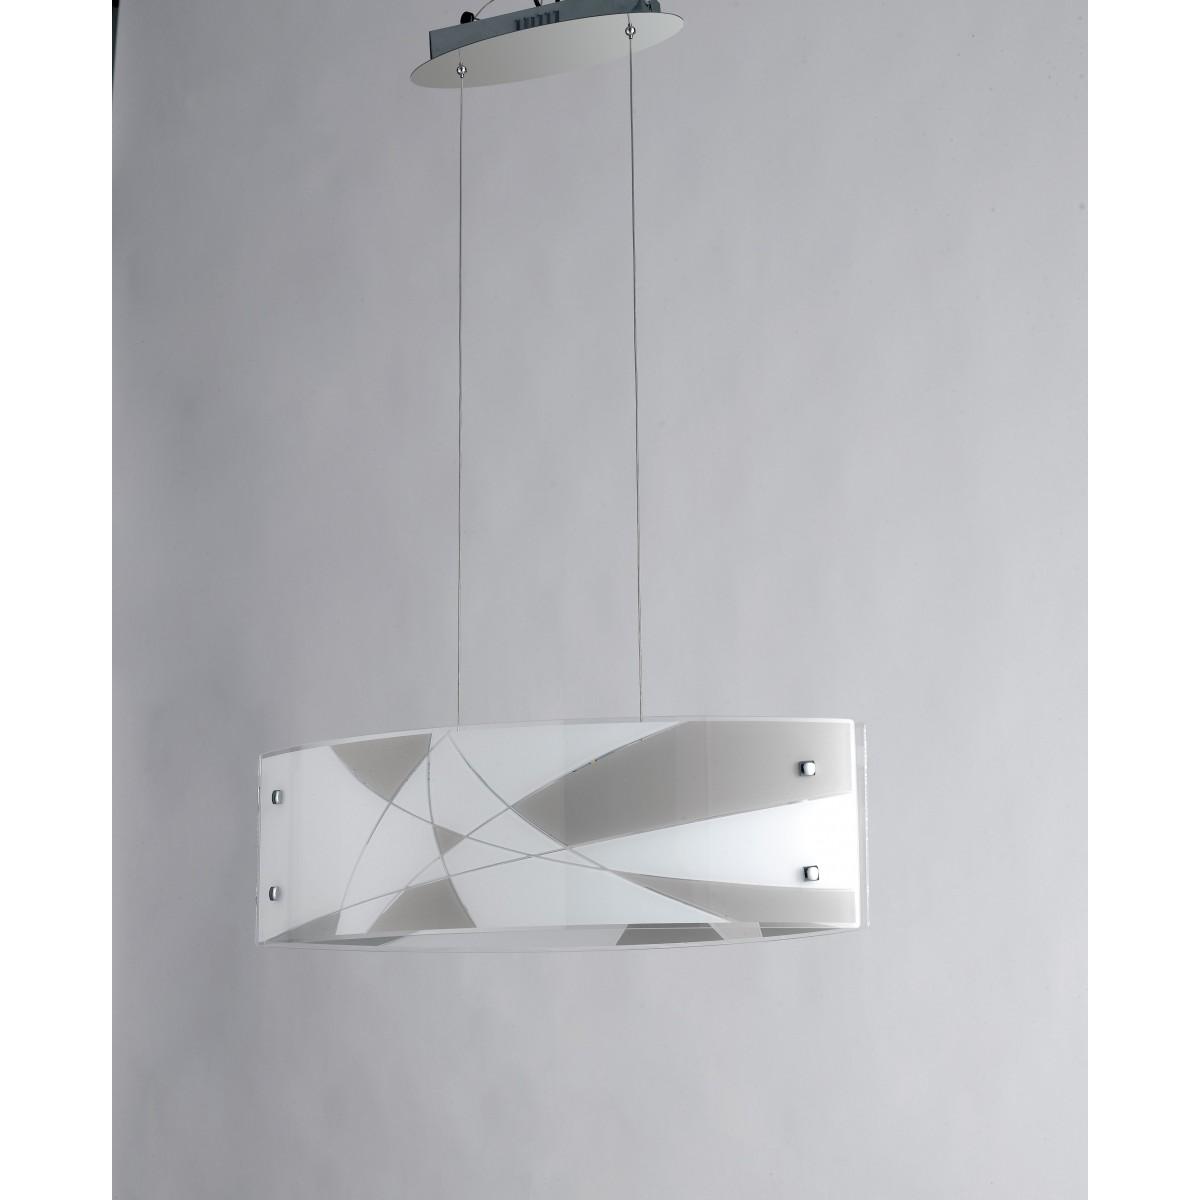 I-MAXIMA/S65 - Lampadario a Sospensione Vetro Inciso Bianco Tortora Moderno Led 40 watt Luce Naturale